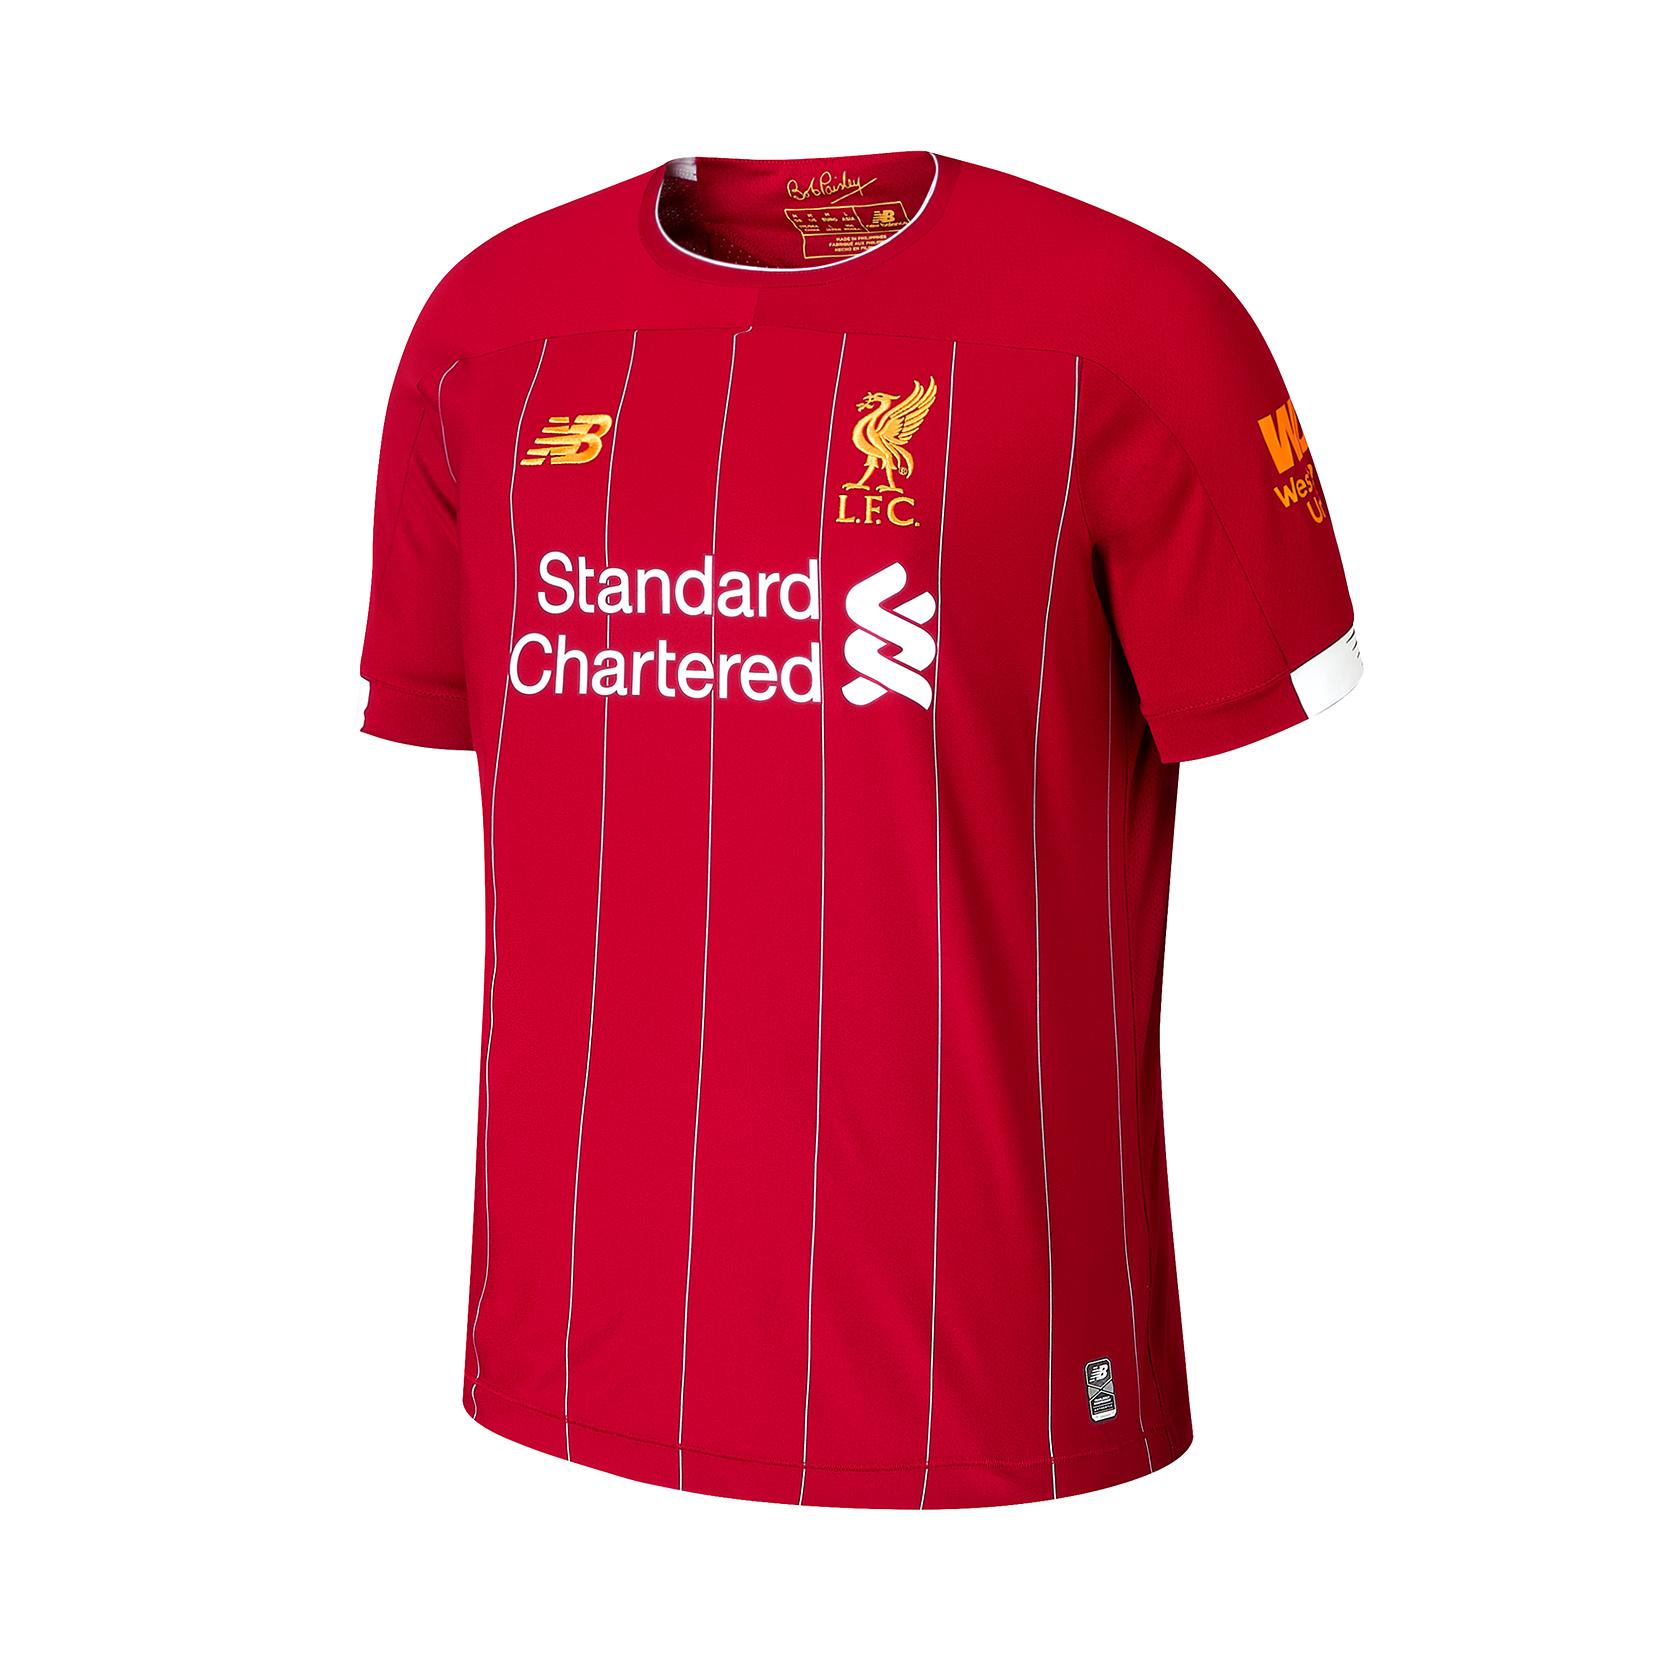 Футболка ФК «Ліверпуль» для чоловіків MT930000HME | New Balance